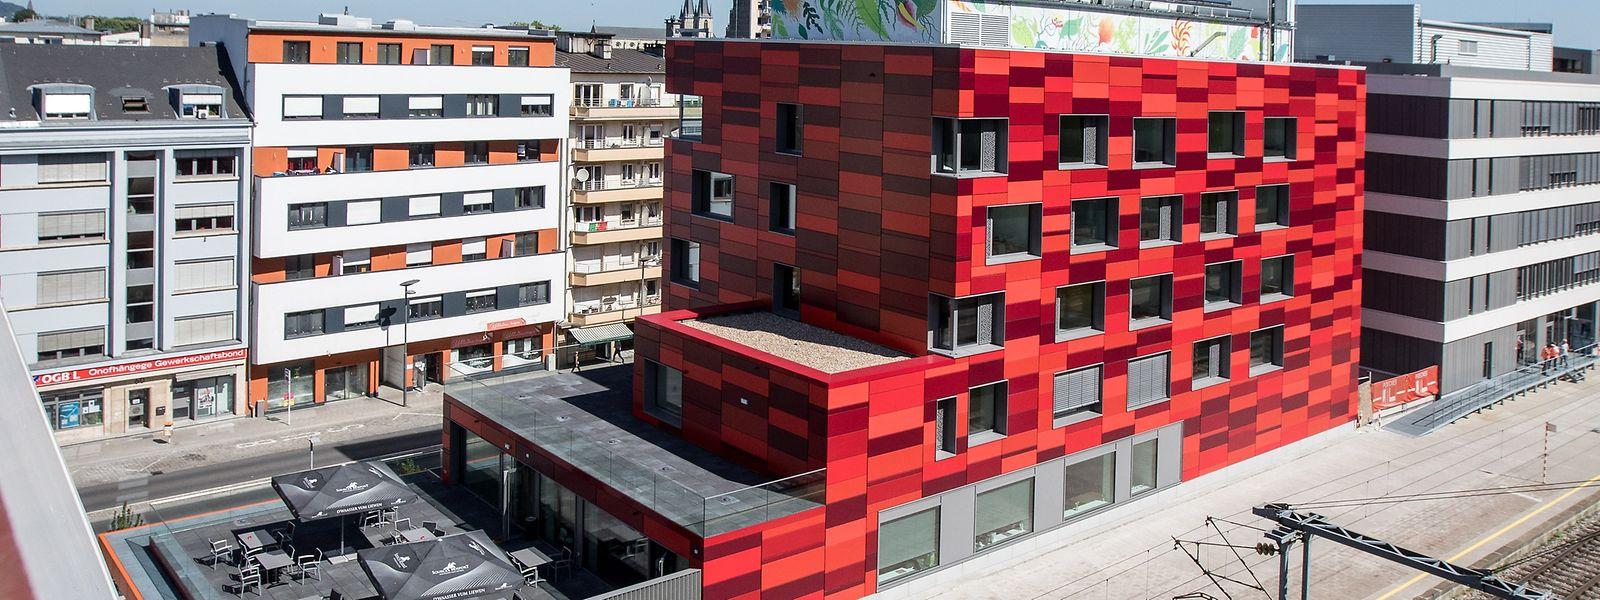 Die rote Fassade der Herberge soll an die Minette erinnern.